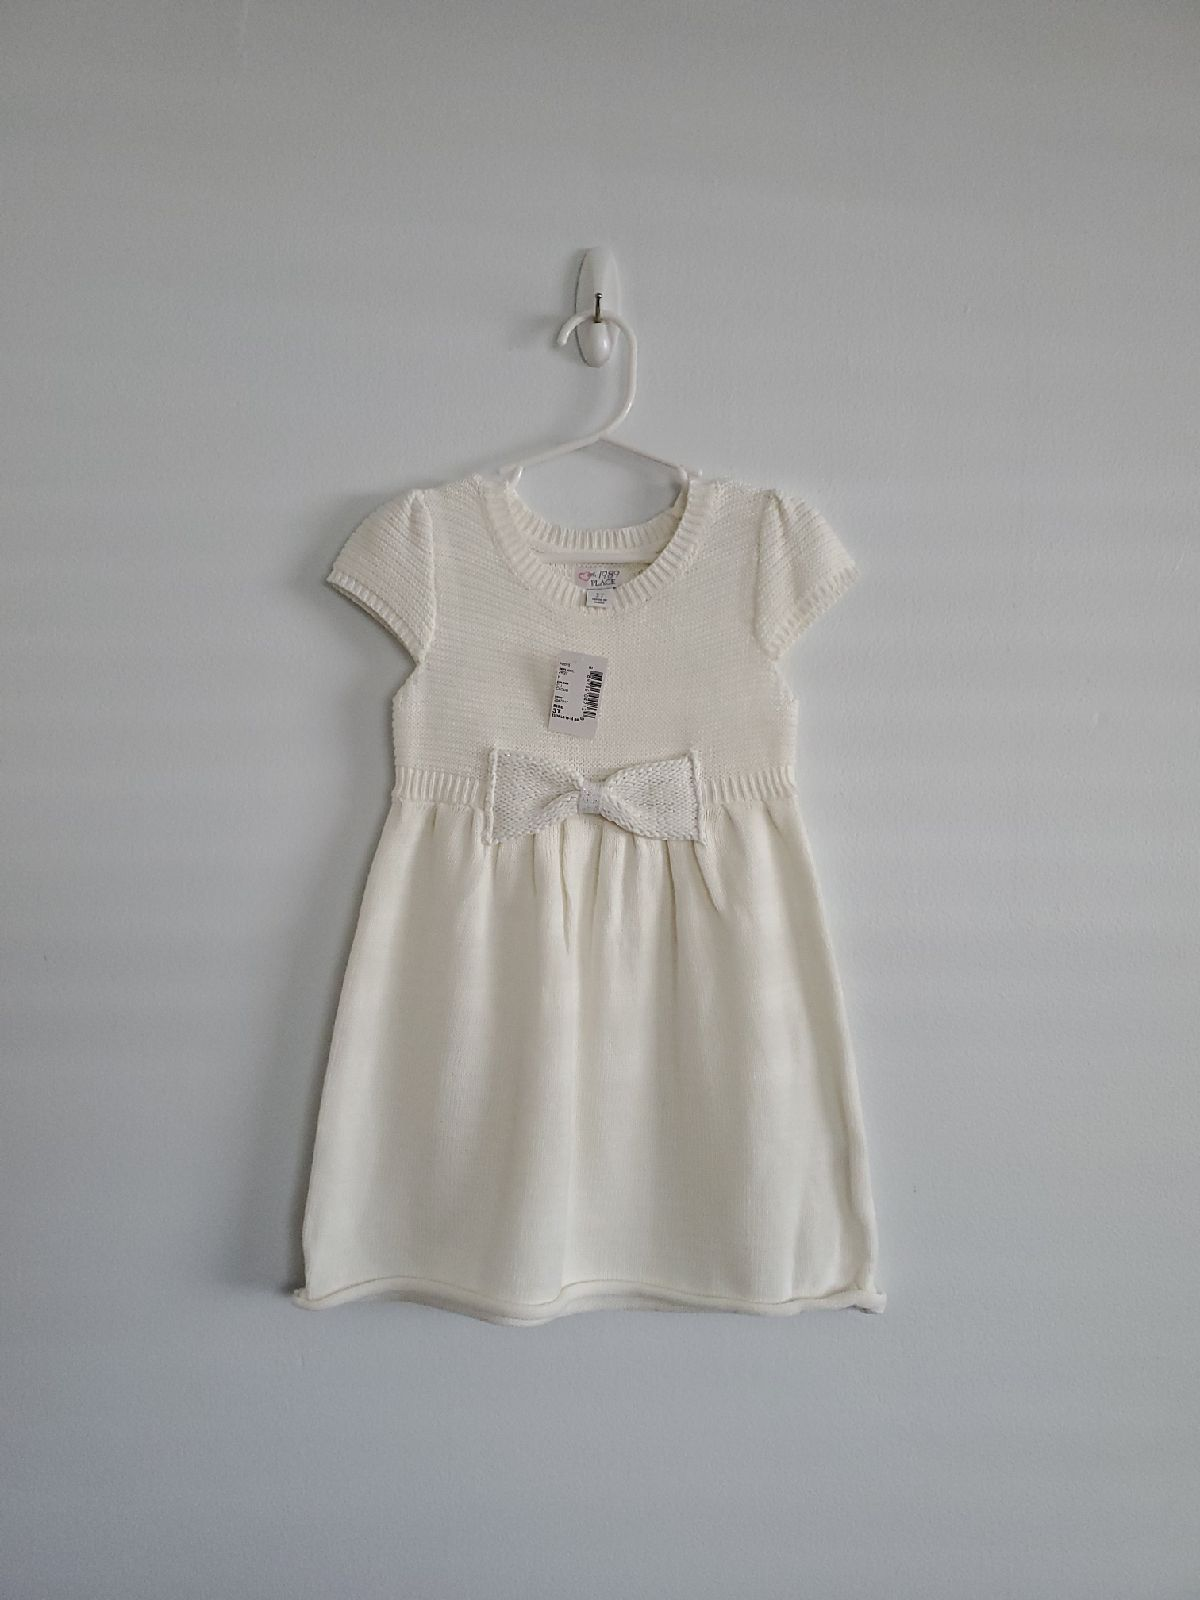 Oshkosh B Gosh Toddler Girls Eyelet Dress White 3t Toddler Girl S Toddler Girl Dresses White Eyelet Dress Girls White Dress [ 1000 x 1000 Pixel ]